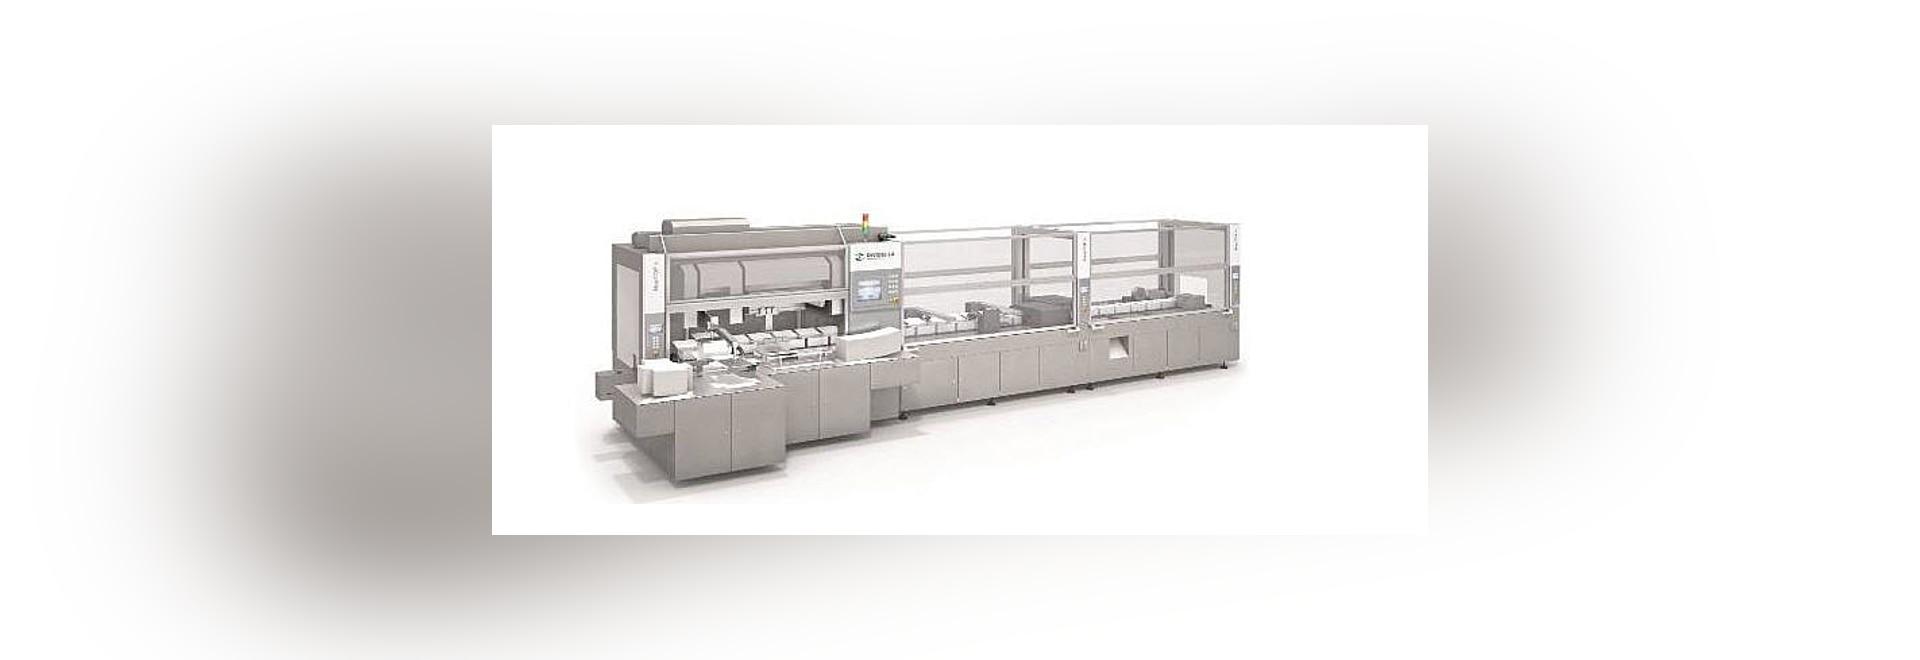 Dividella presenta la nueva generación de las características innovadoras de los cartoners de TopLoading en el NeoTOP x